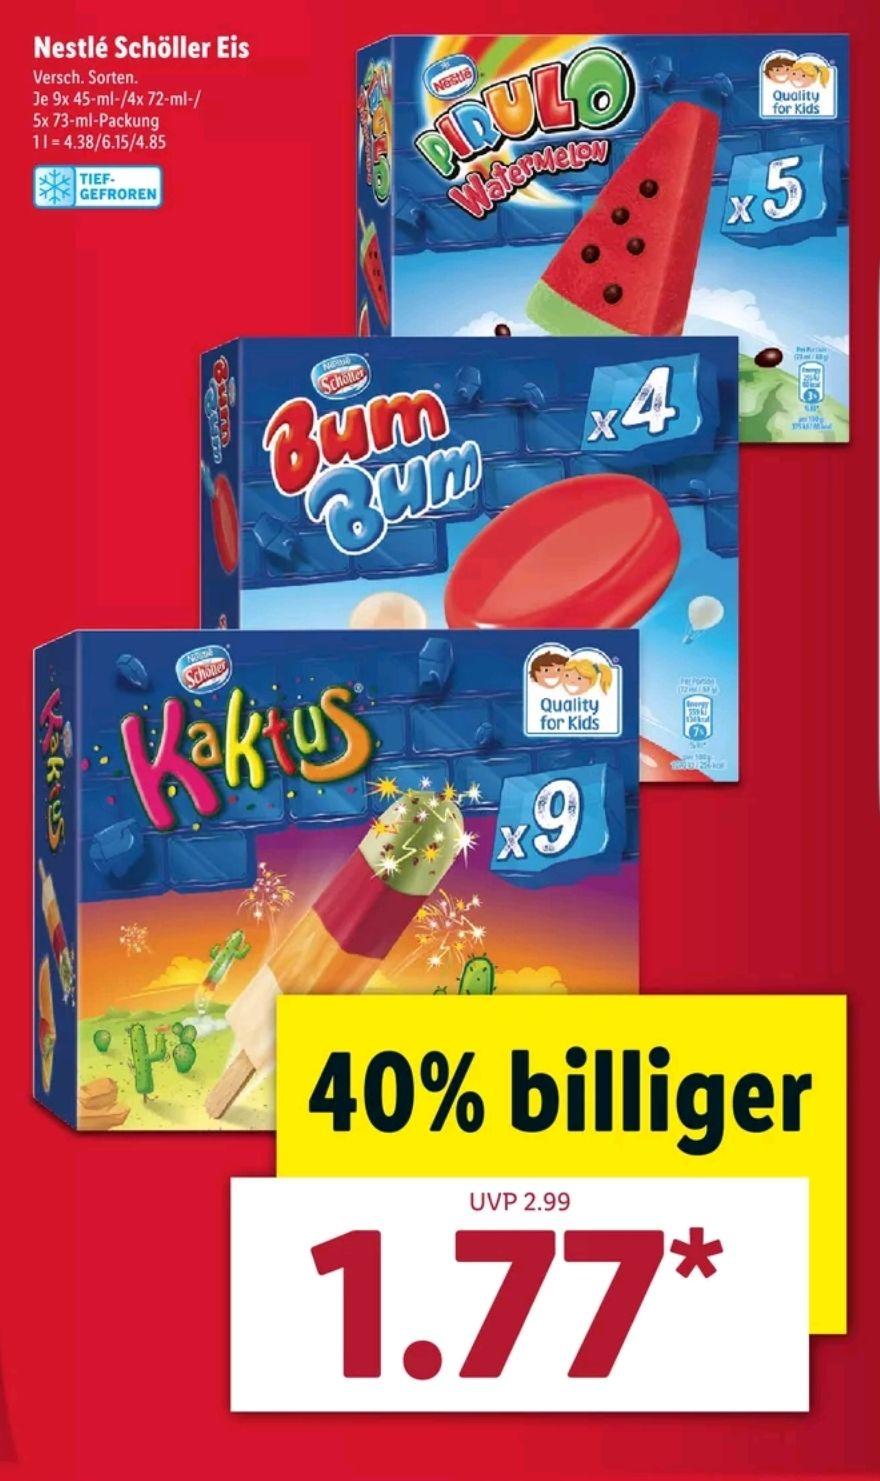 """(LIDL) Ab 28.05  """" Nestle Schöller Eis"""